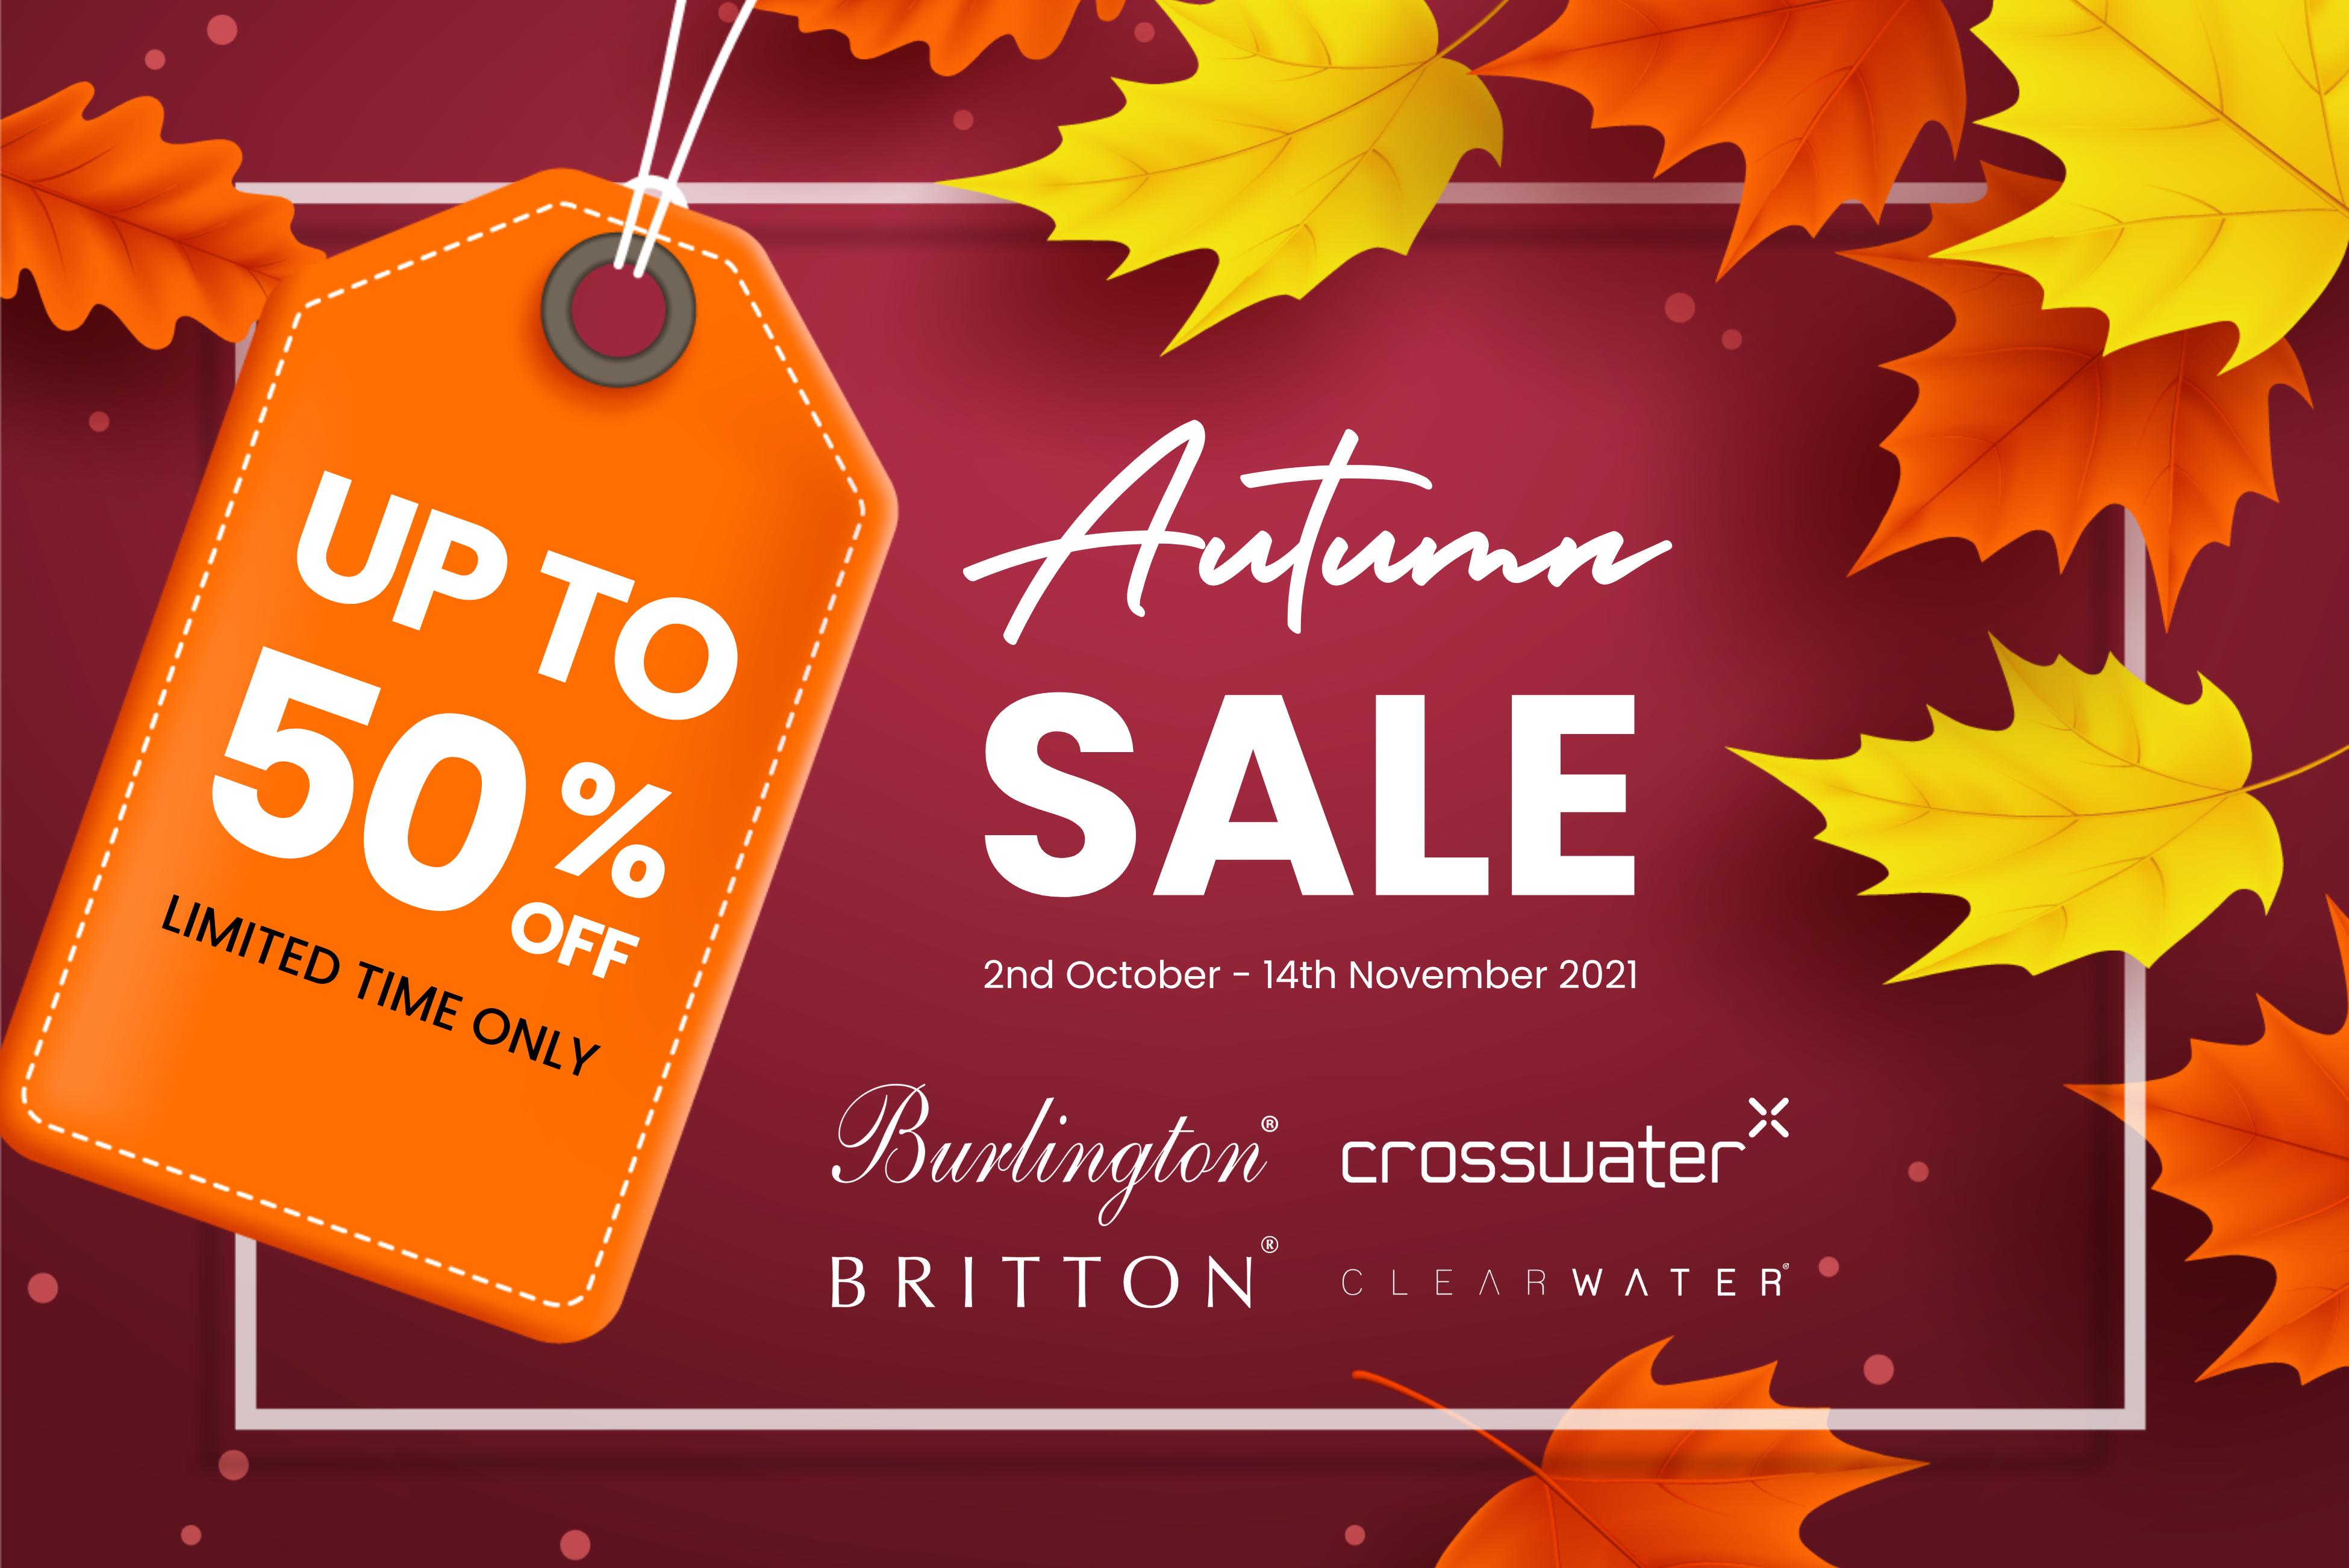 Our Autumn Bathroom Sale has Arrived